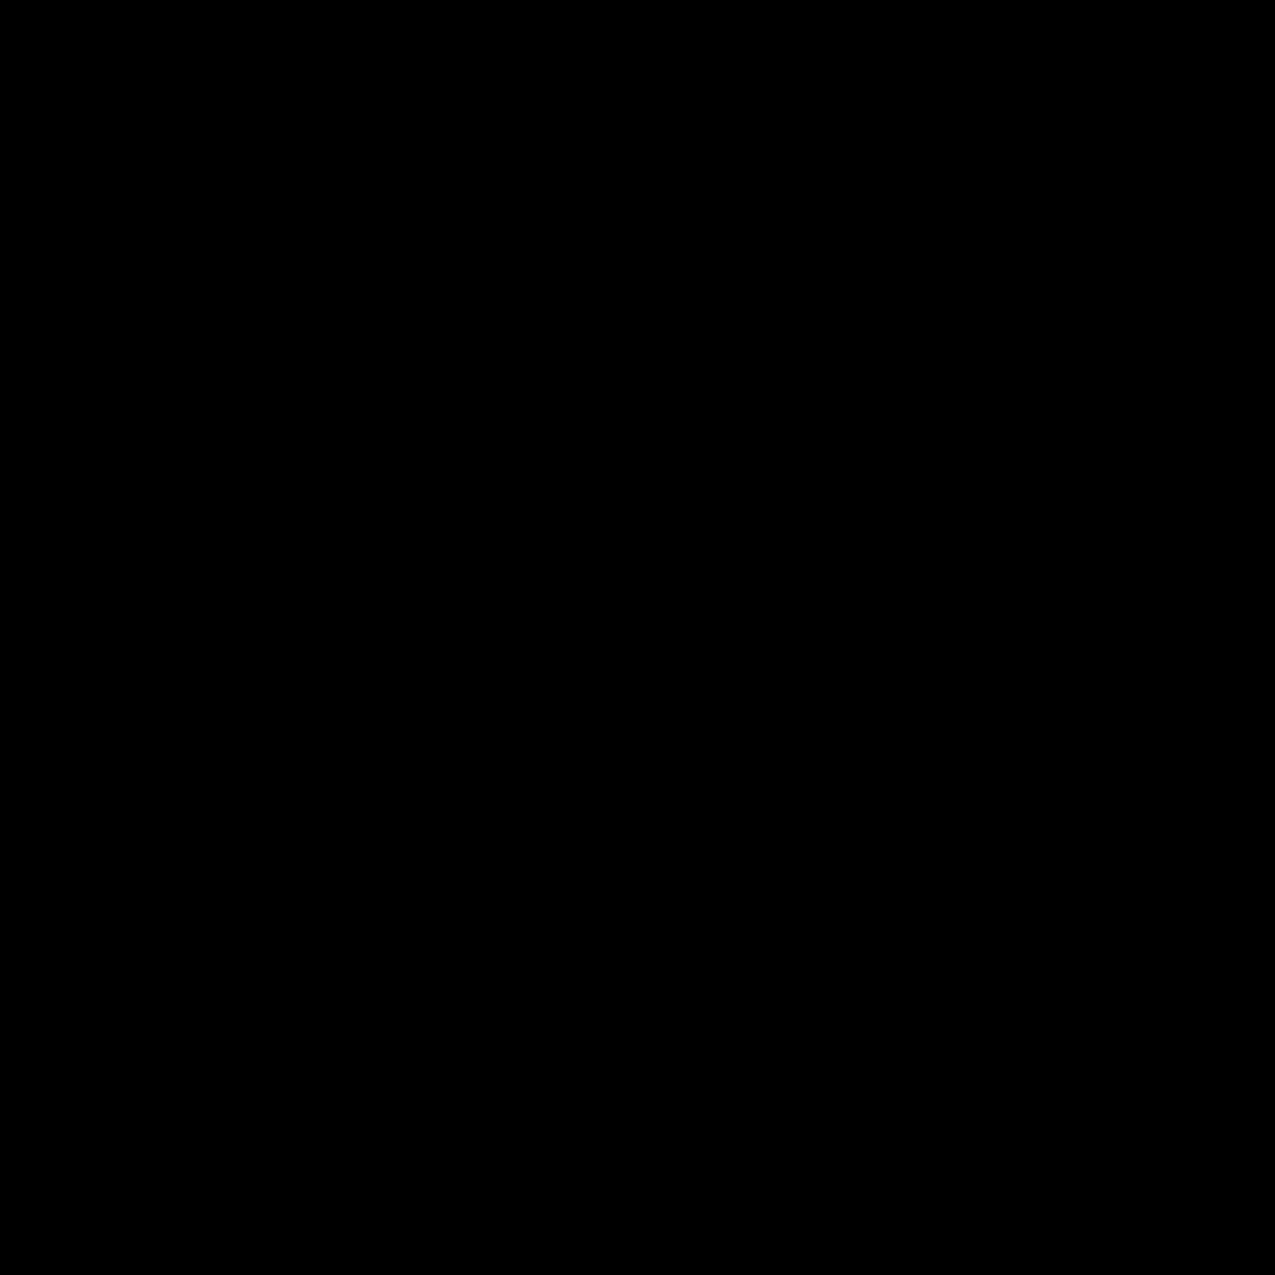 Trübeli-Likör